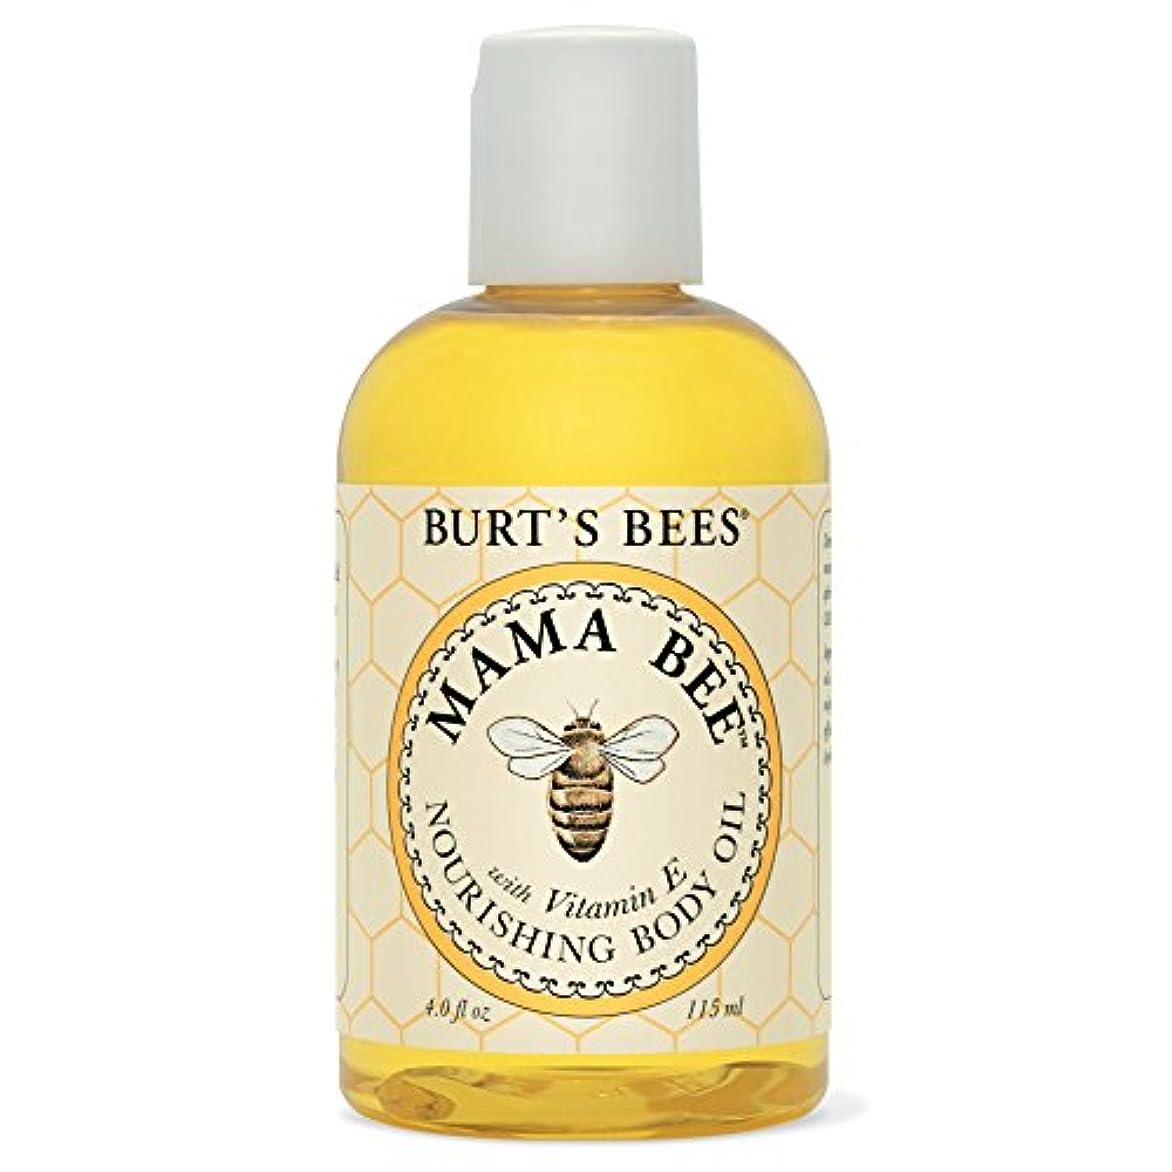 はしごの面では湿気の多いバーツビーママ蜂栄養ボディオイル115ミリリットル (Burt's Bees) (x6) - Burt's Bees Mama Bee Nourishing Body Oil 115ml (Pack of 6) [並行輸入品]